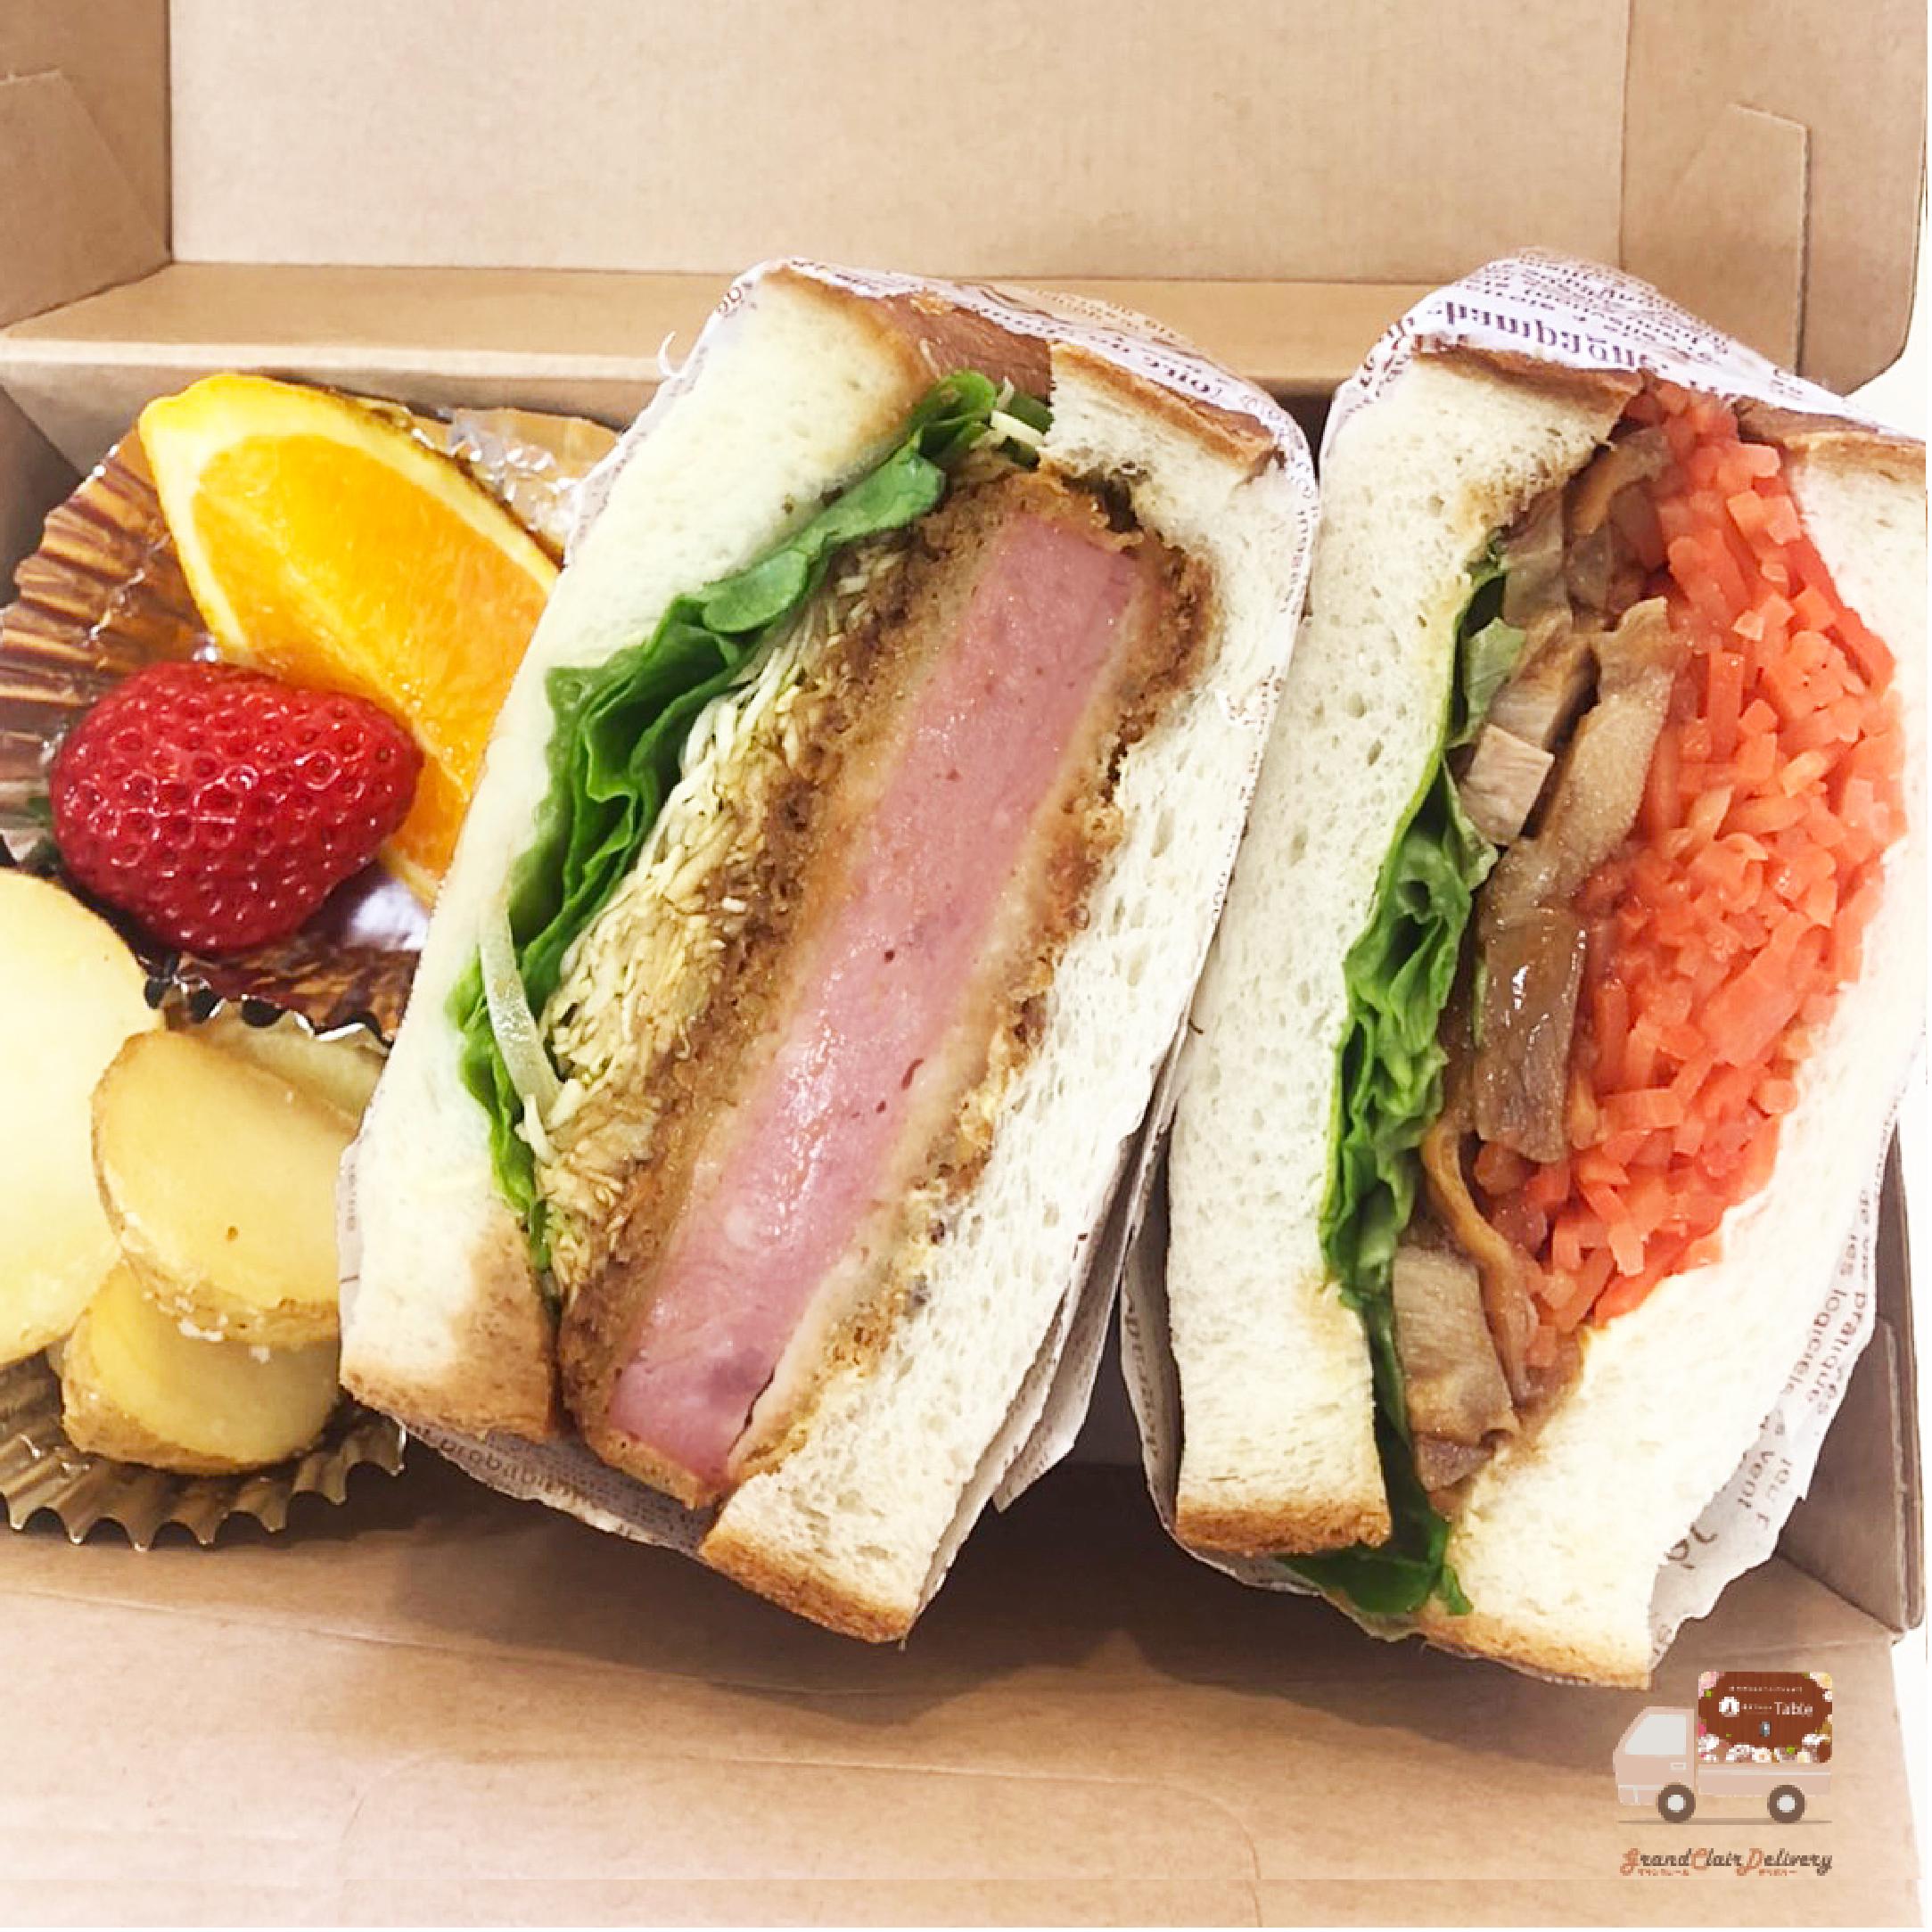 サンドウィッチBOX[ハムカツ・照り焼きチキン]画像